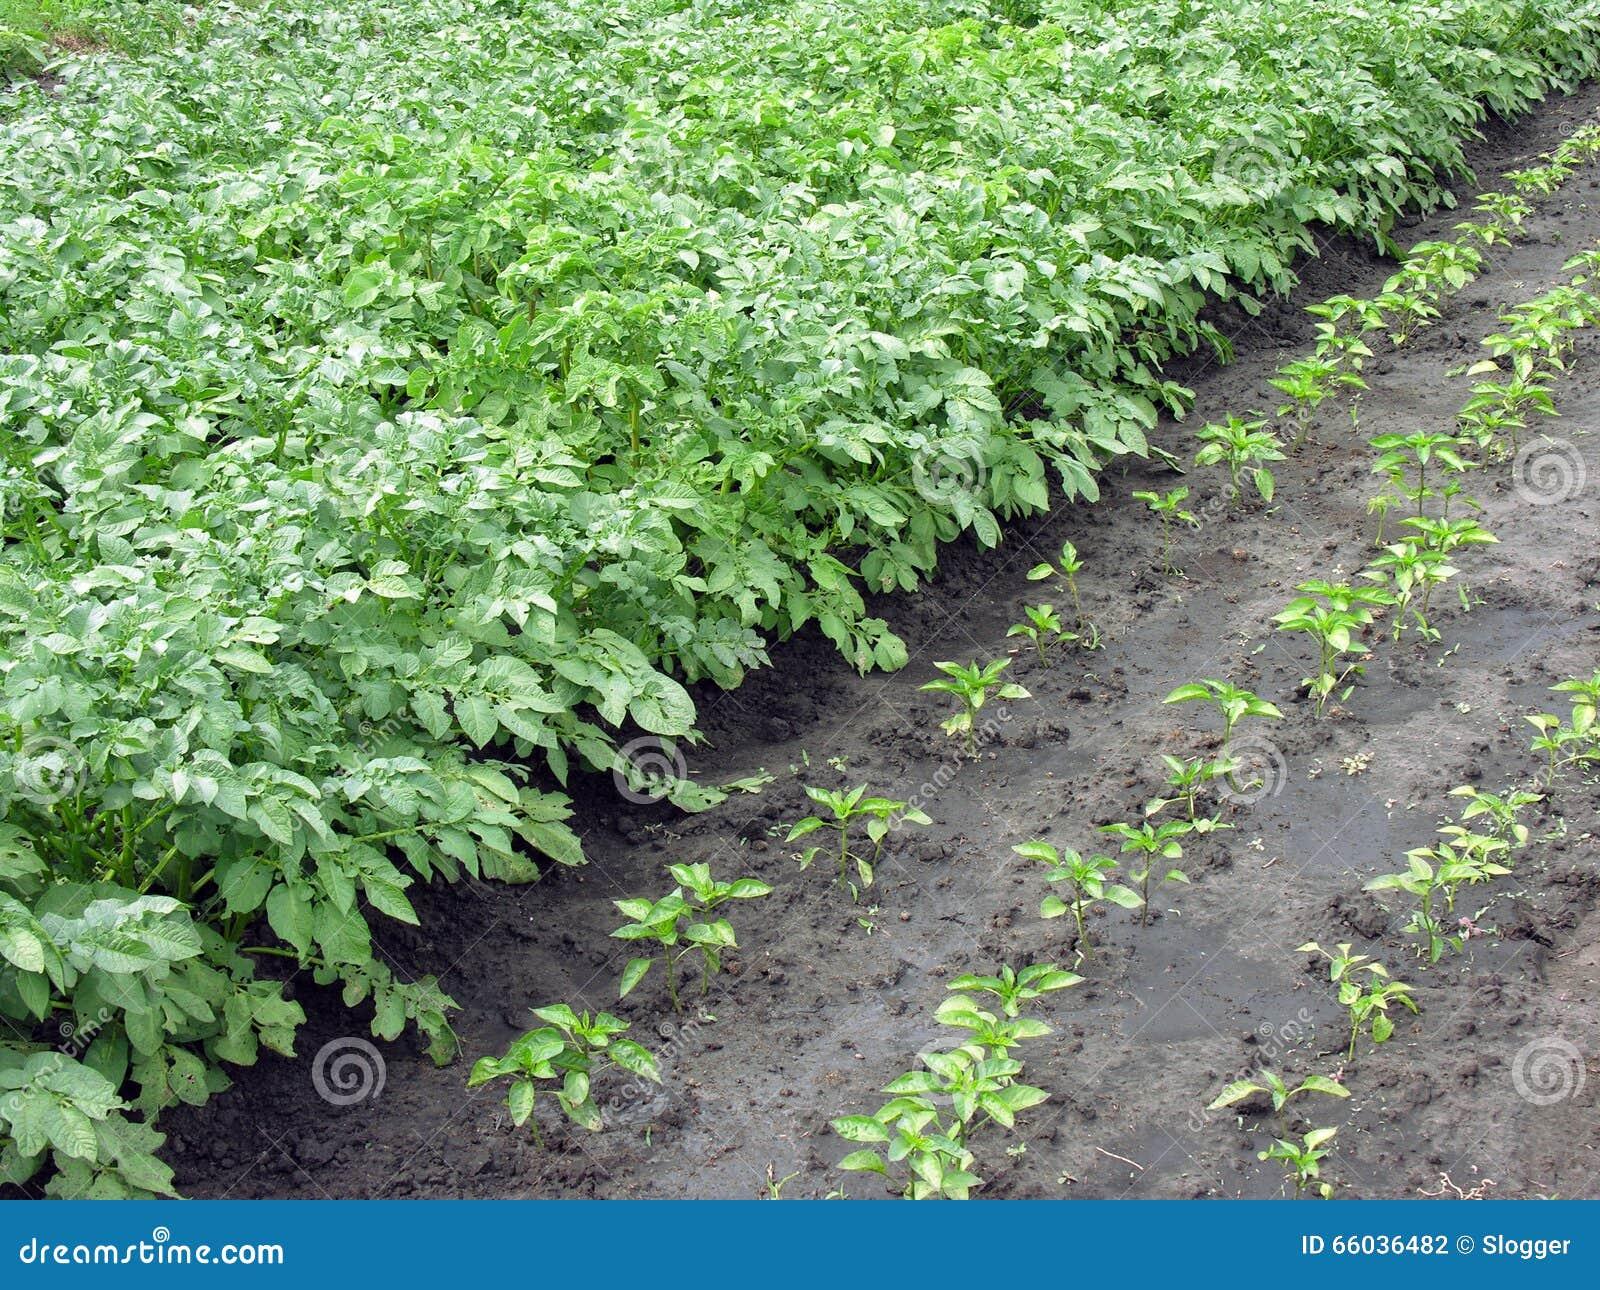 生长菜土豆和胡椒在菜园里图片